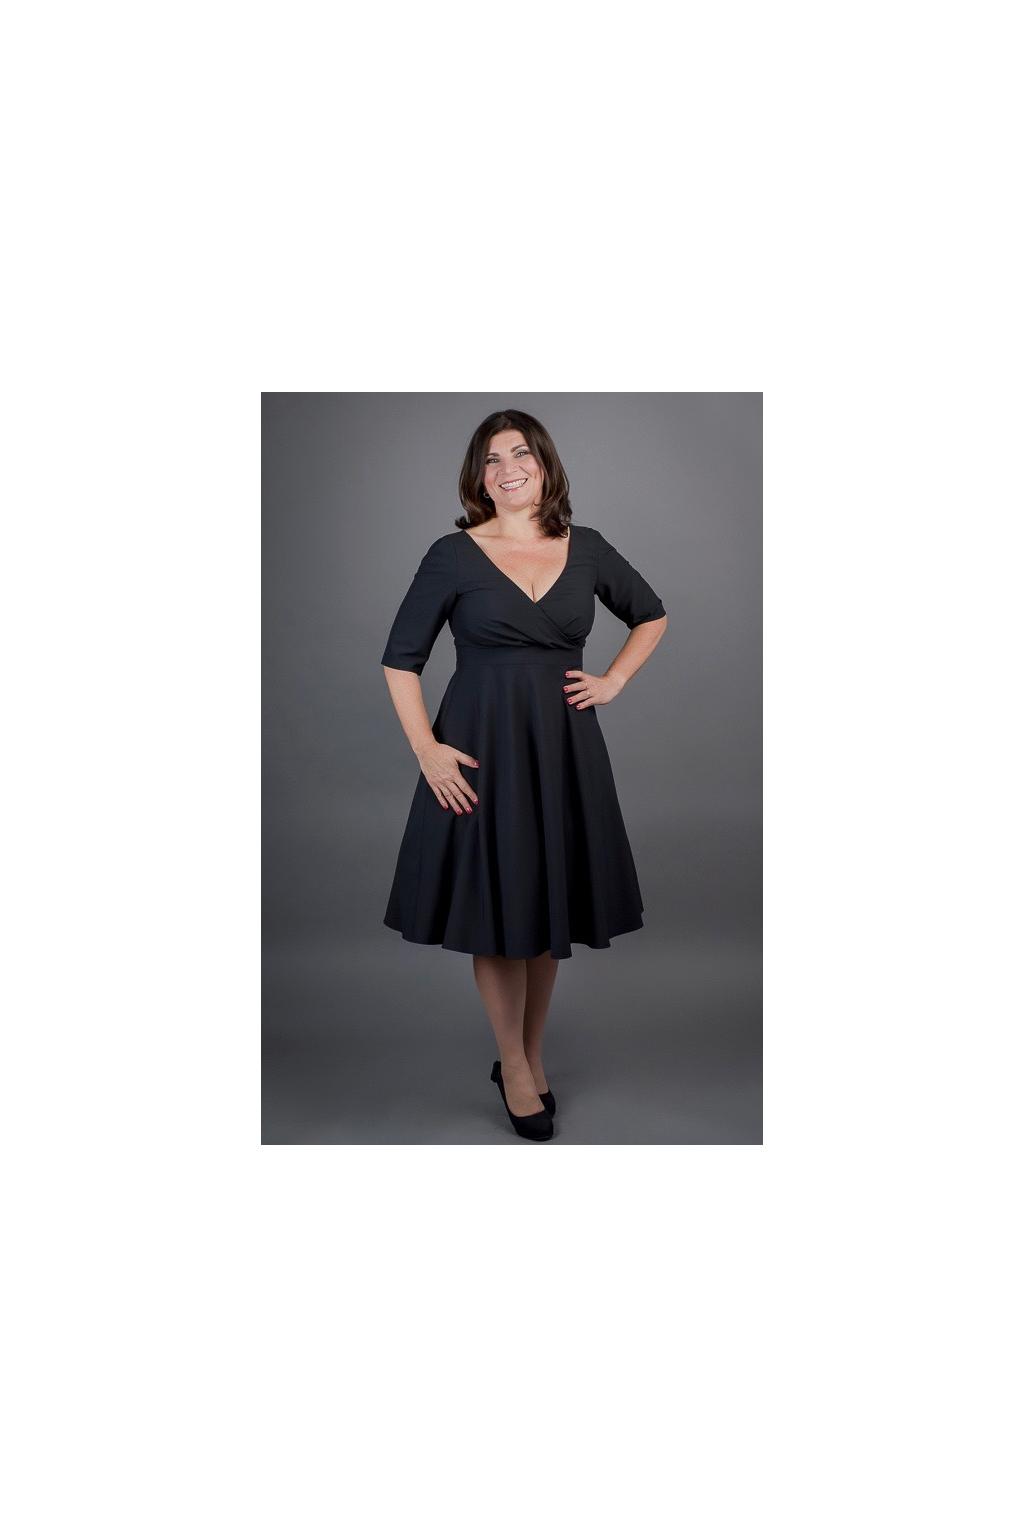 Šaty MARGARET se skládaným živůtkem - černá, tmavě modrá, královsky modrá